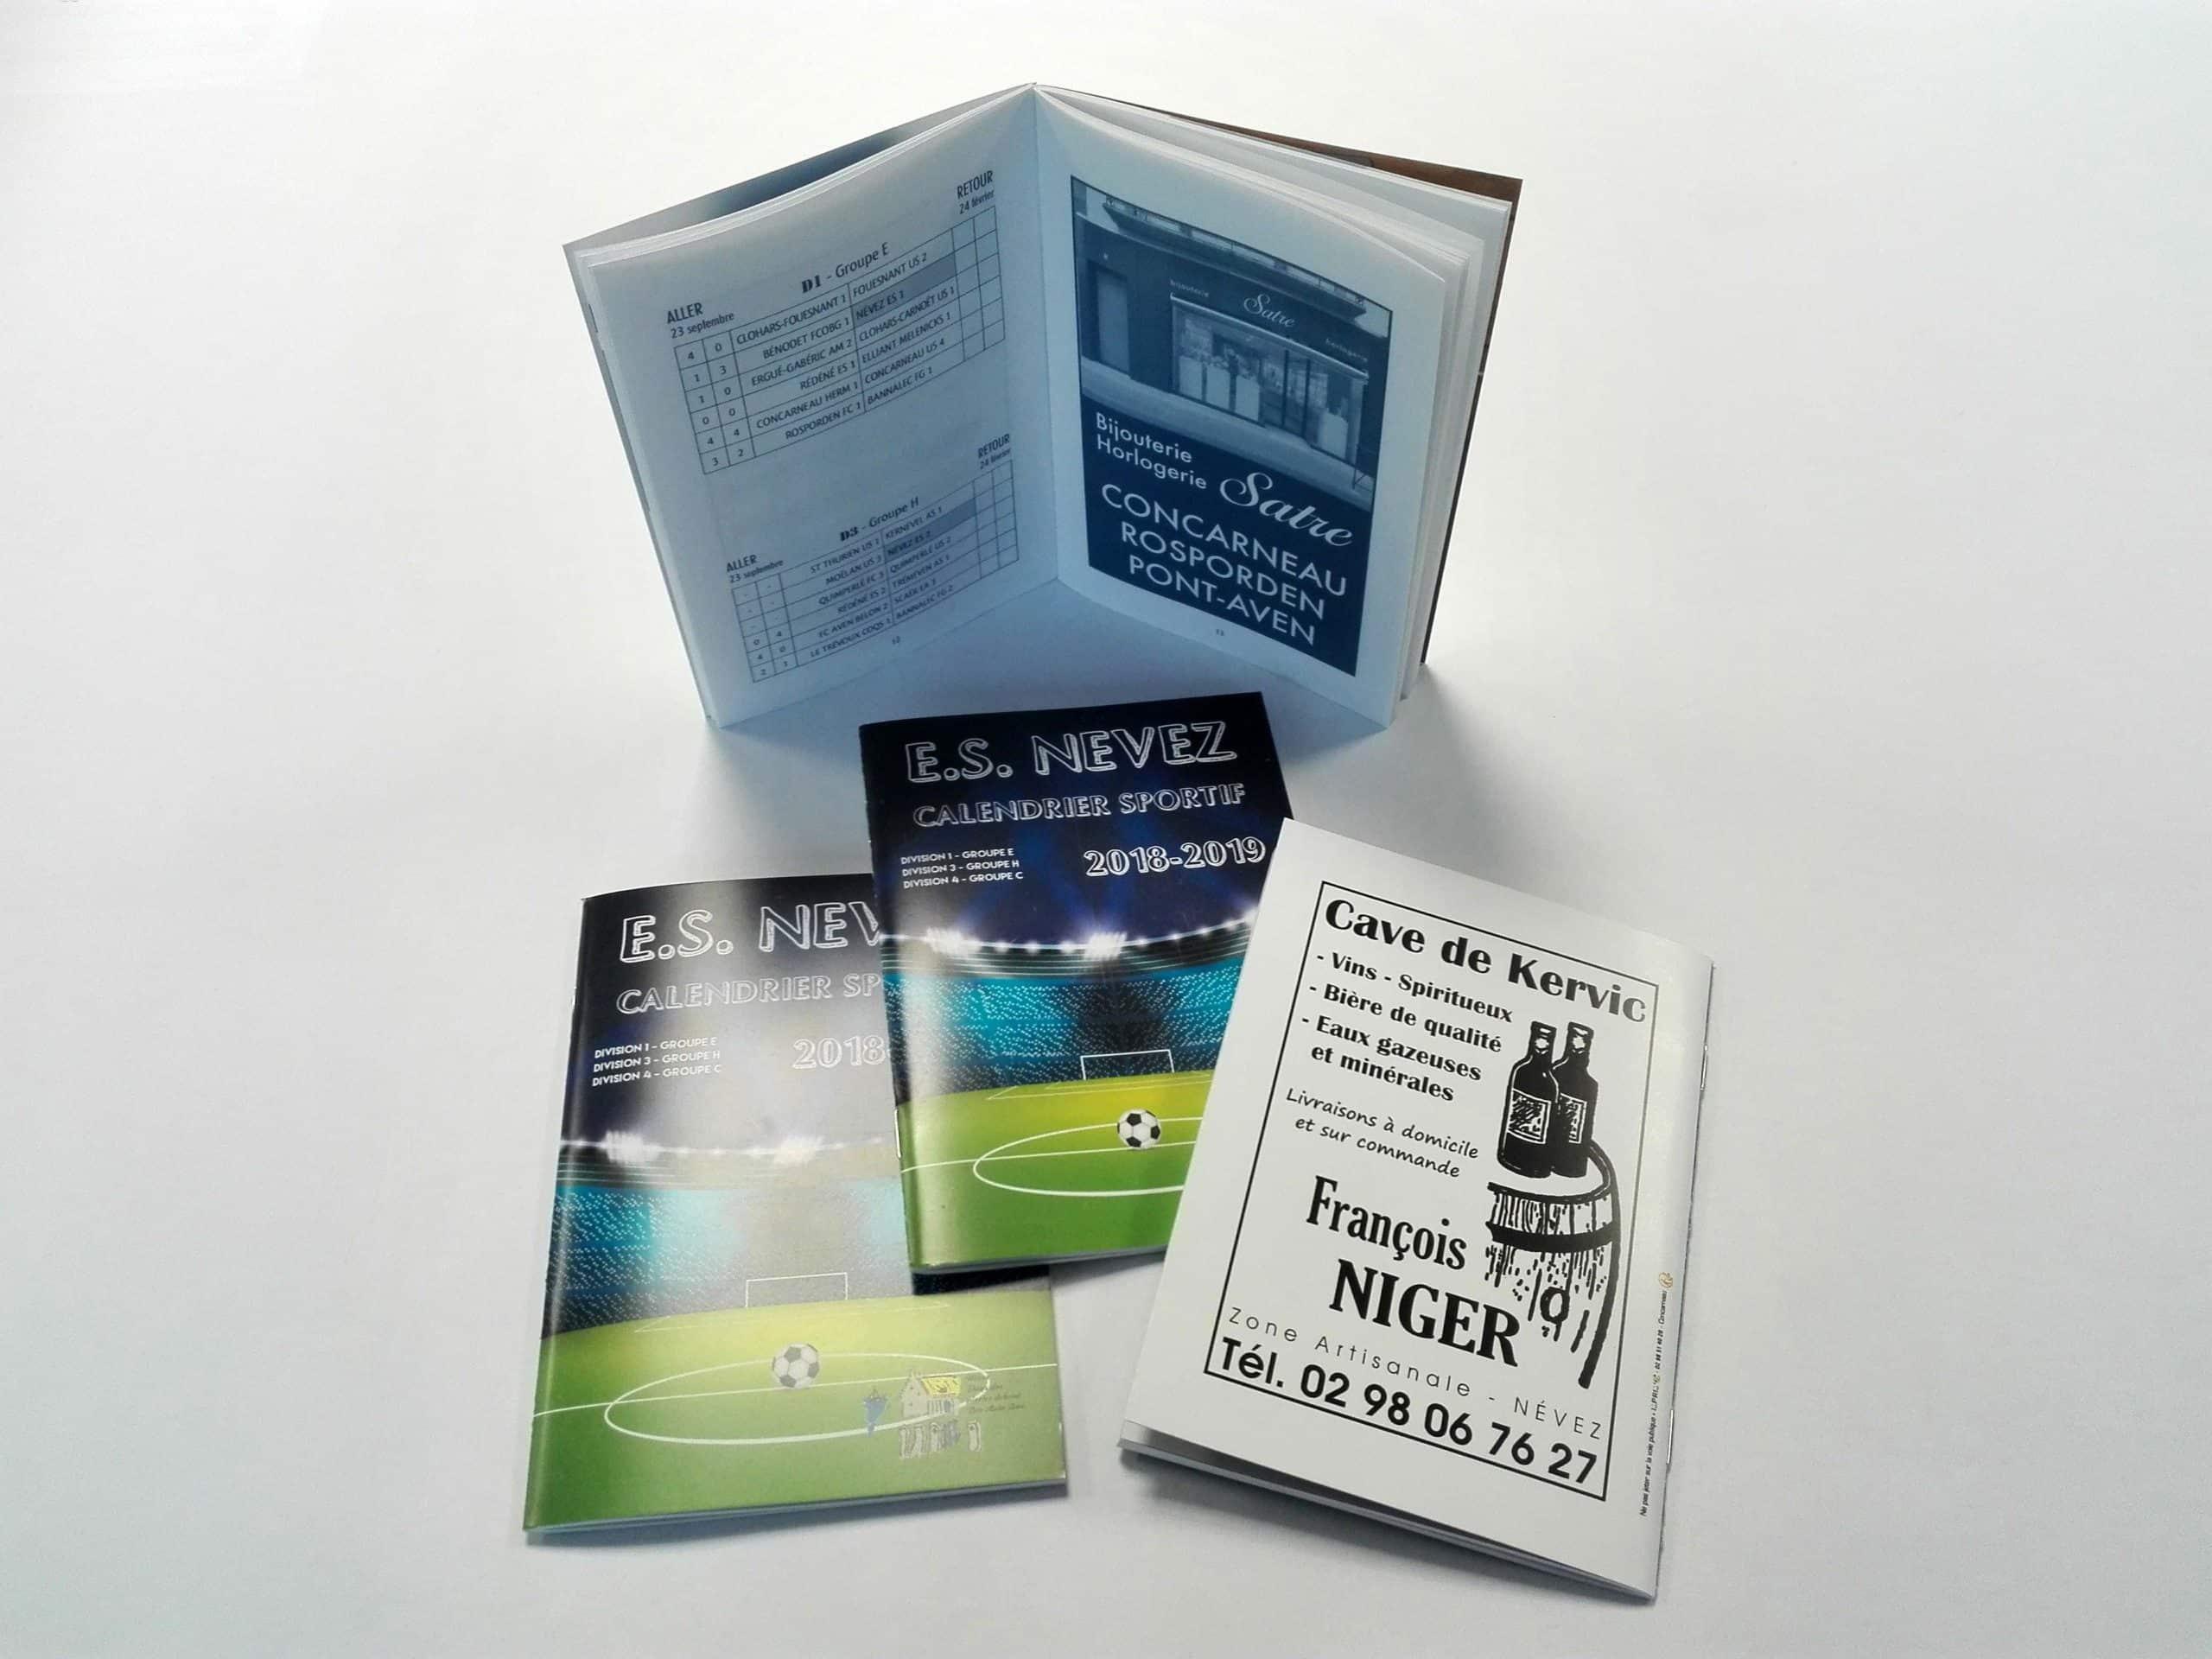 Brochure A6 - Calendrier sportif 2018-2019 - l'ES Nevez